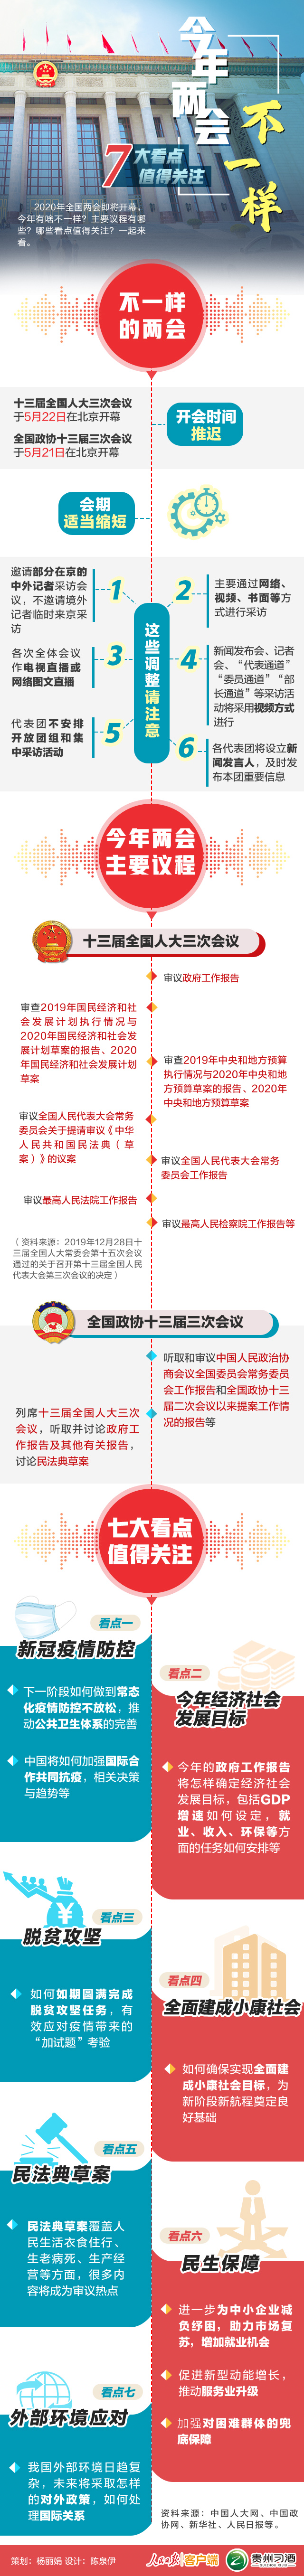 河南唐河:堅持疫情防控不放松,加快推進四水同治工程全面復工